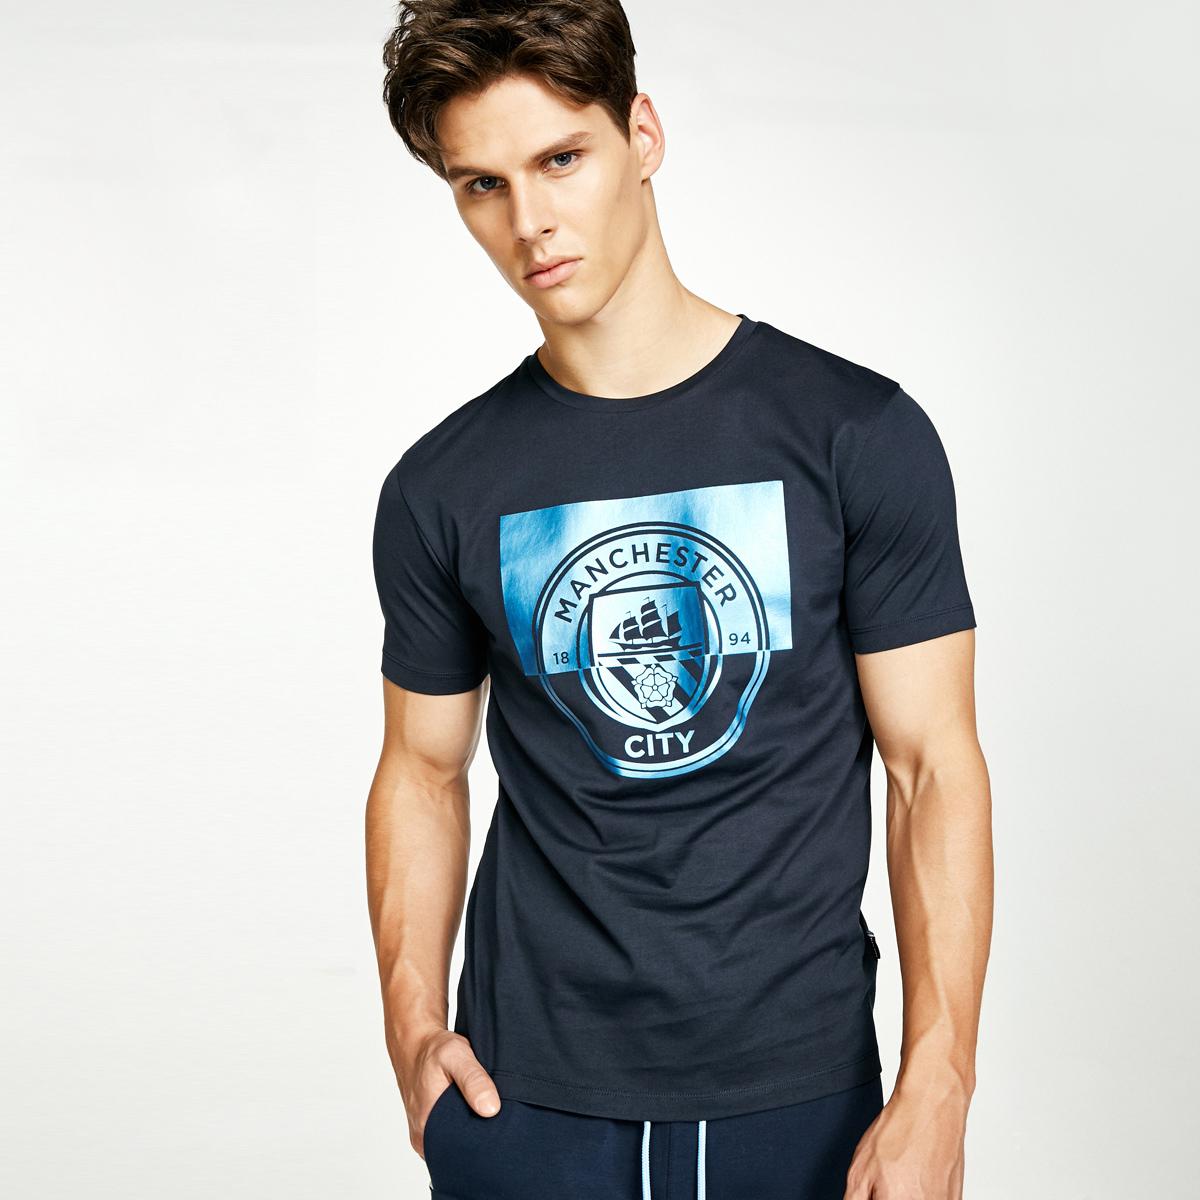 Jack Jones杰克琼斯足球俱乐部男装短袖T恤C|217301551